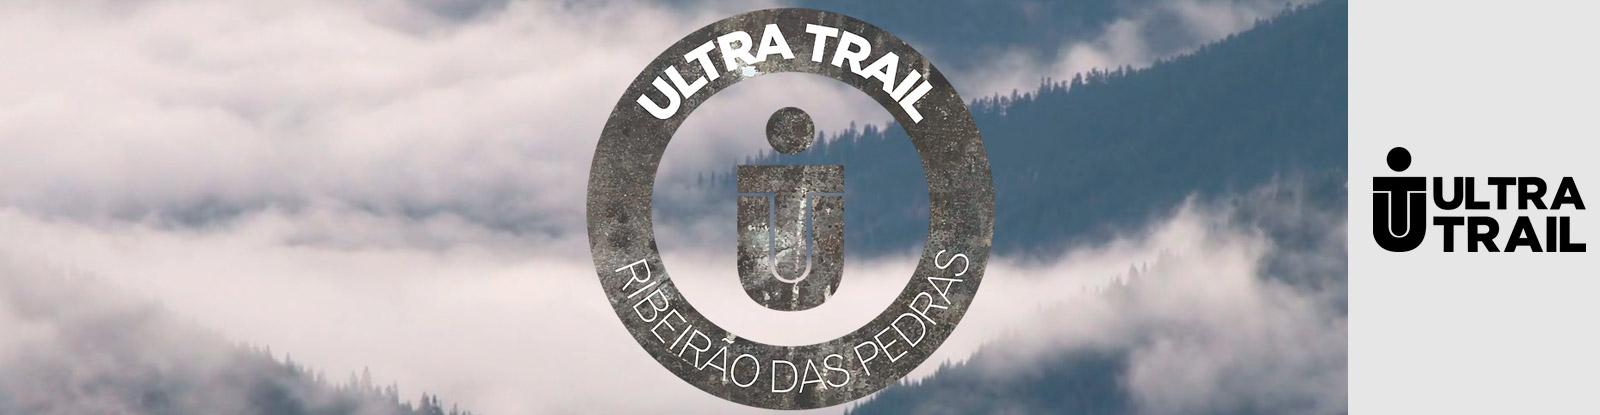 ULTRA TRAIL RIBEIRÃO DAS PEDRAS 2018 - Imagem de topo